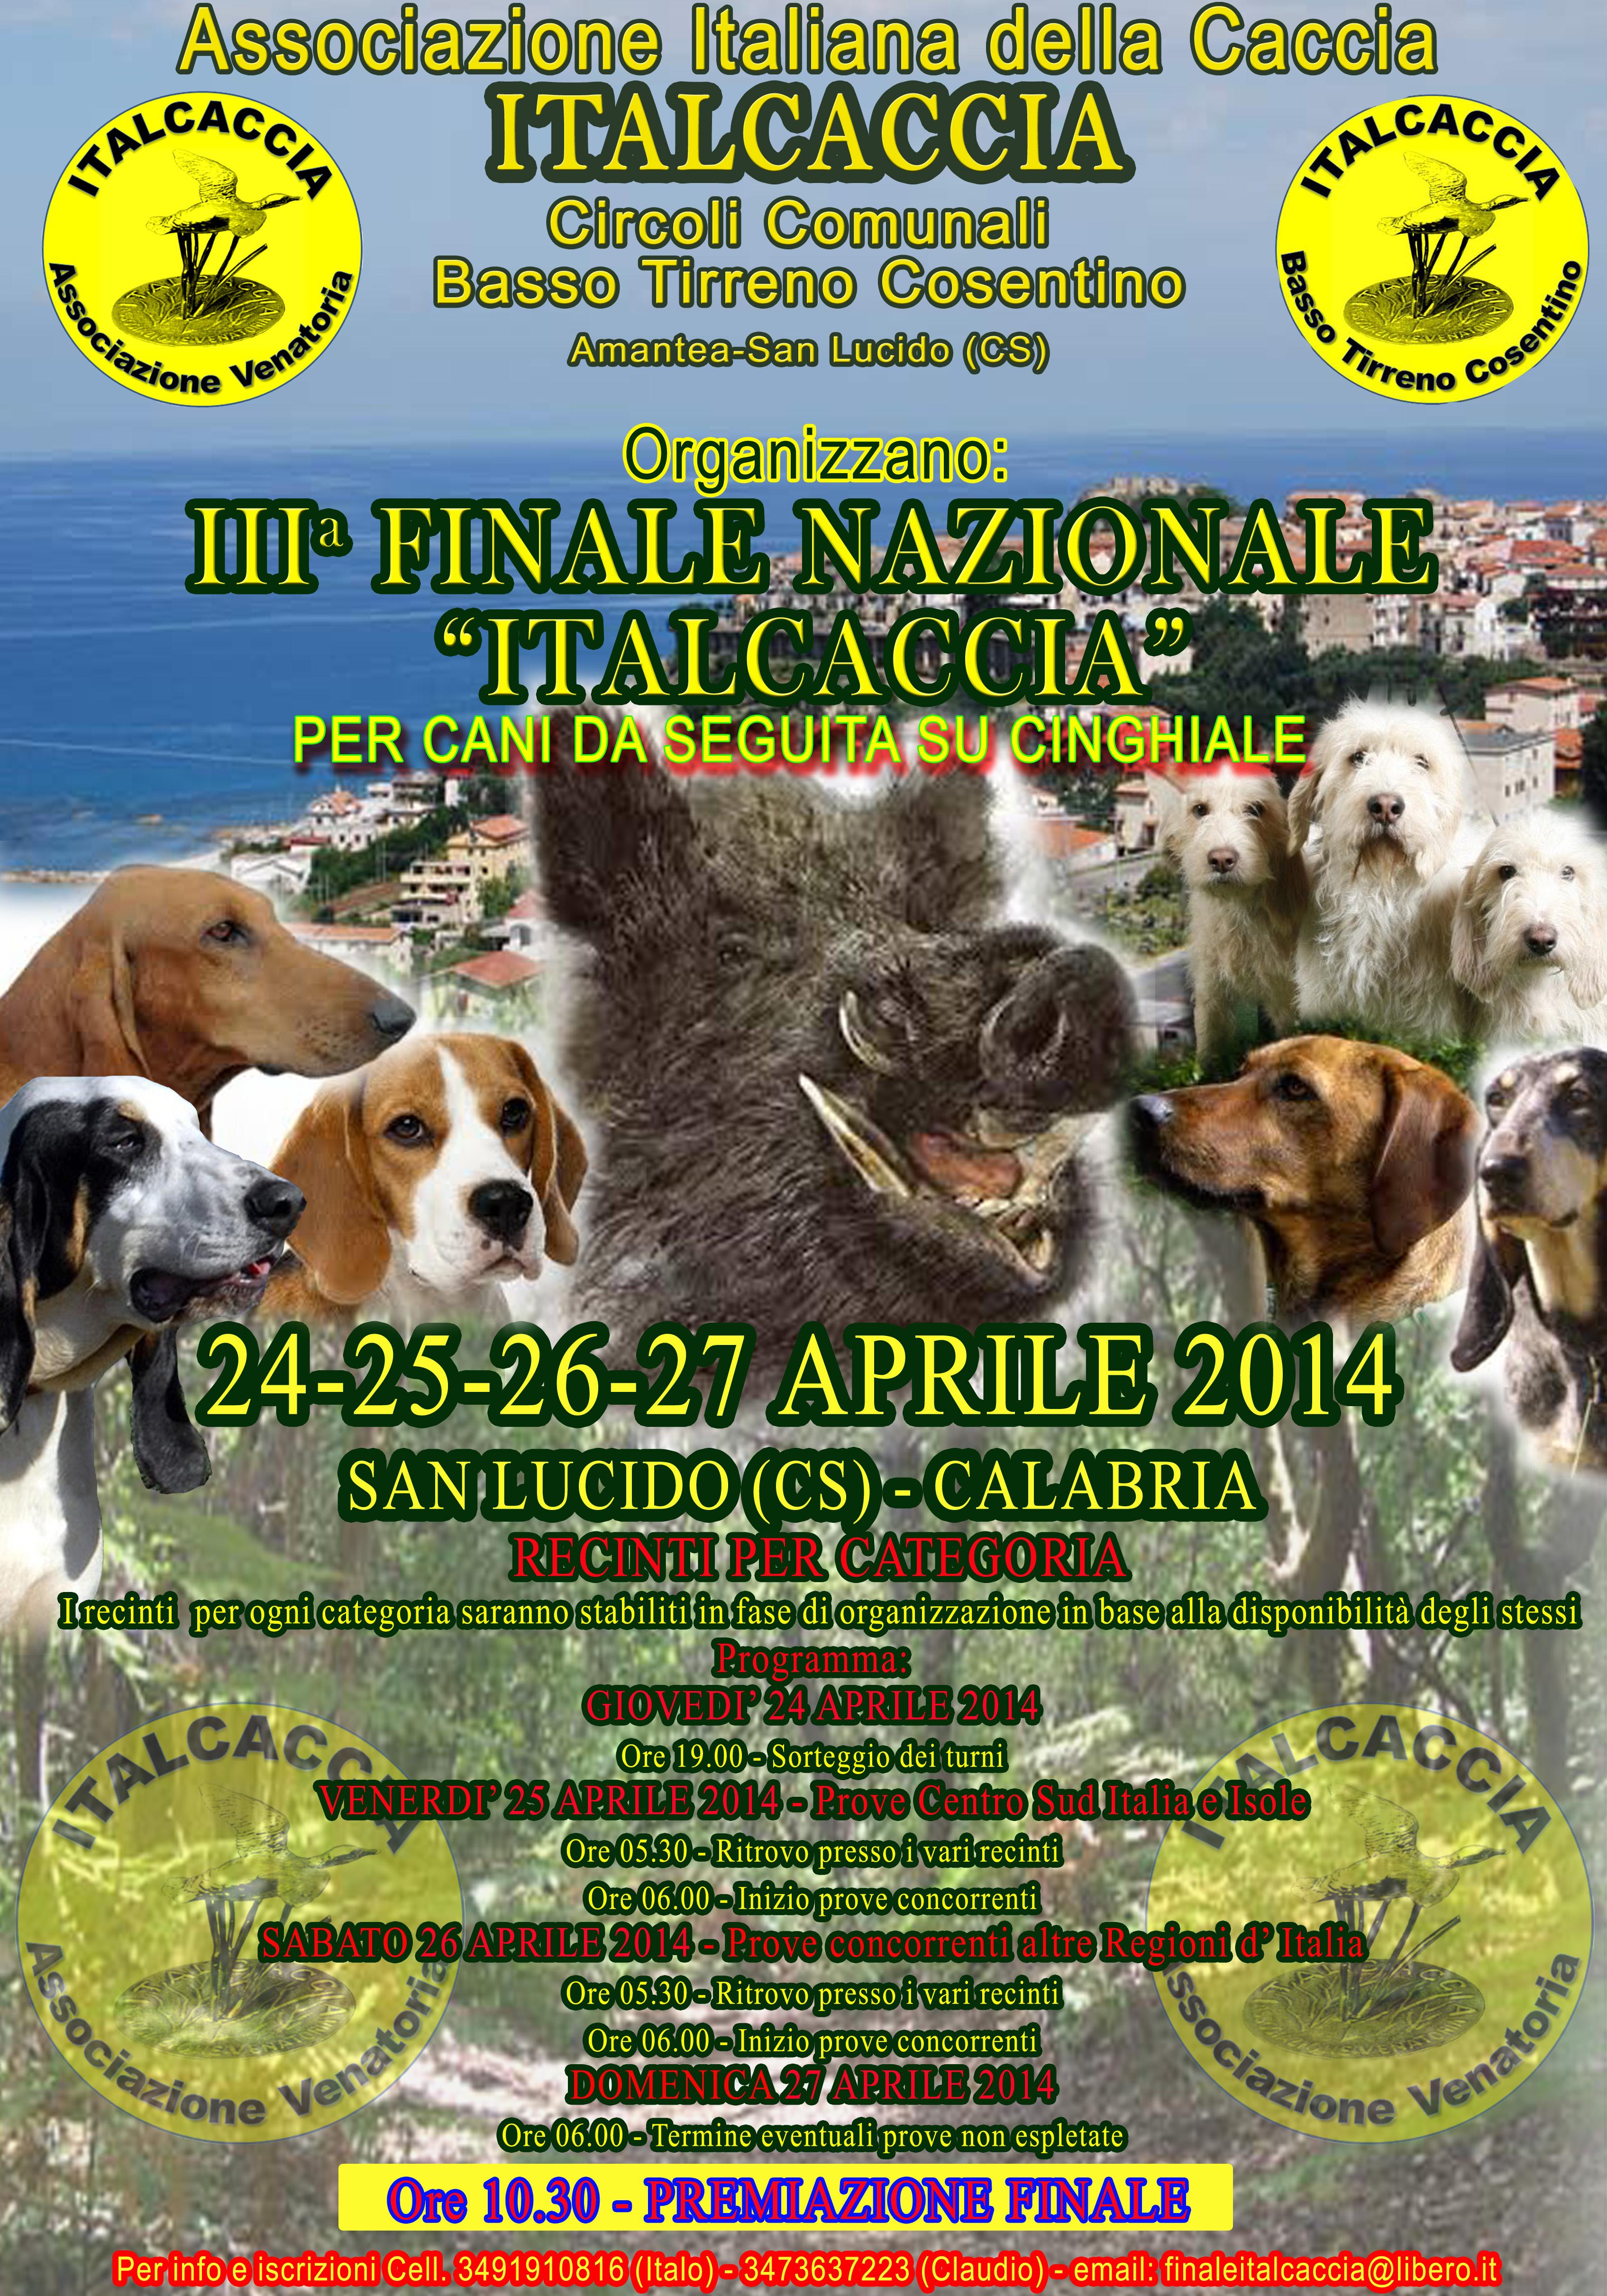 III Finale Nazionale Italcaccia per cani da seguita su cinghiale